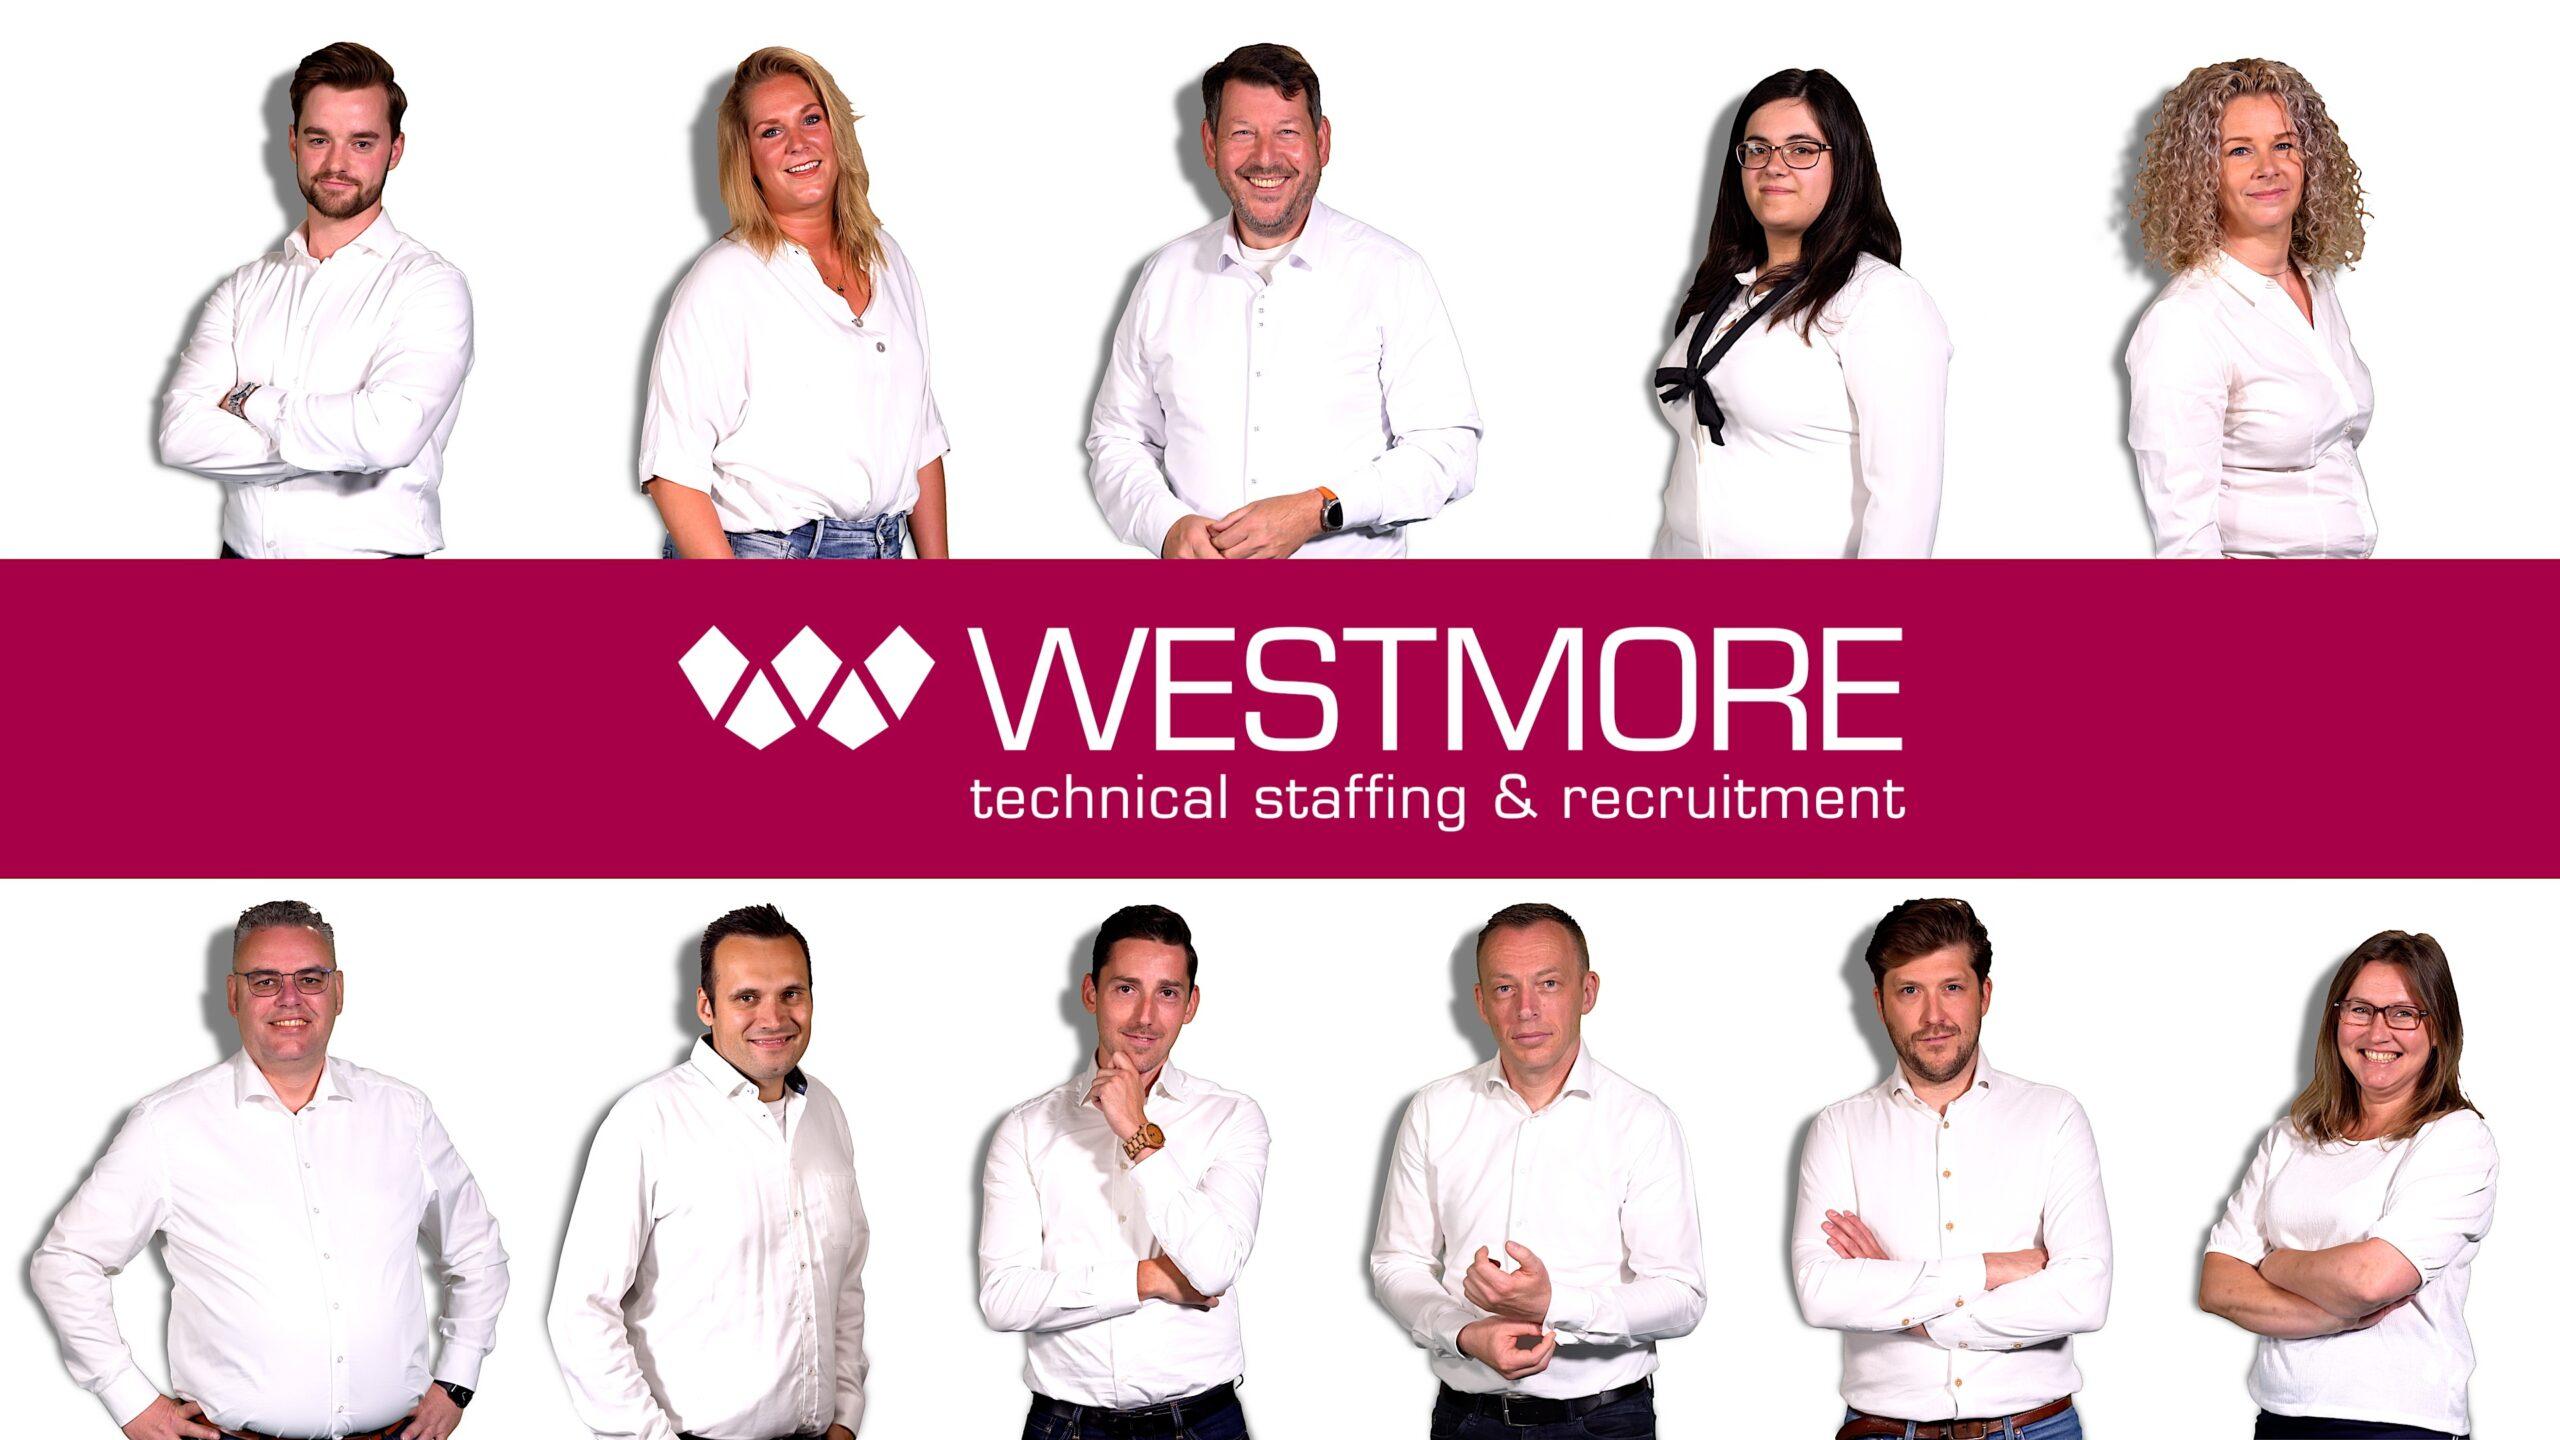 Team Westmore